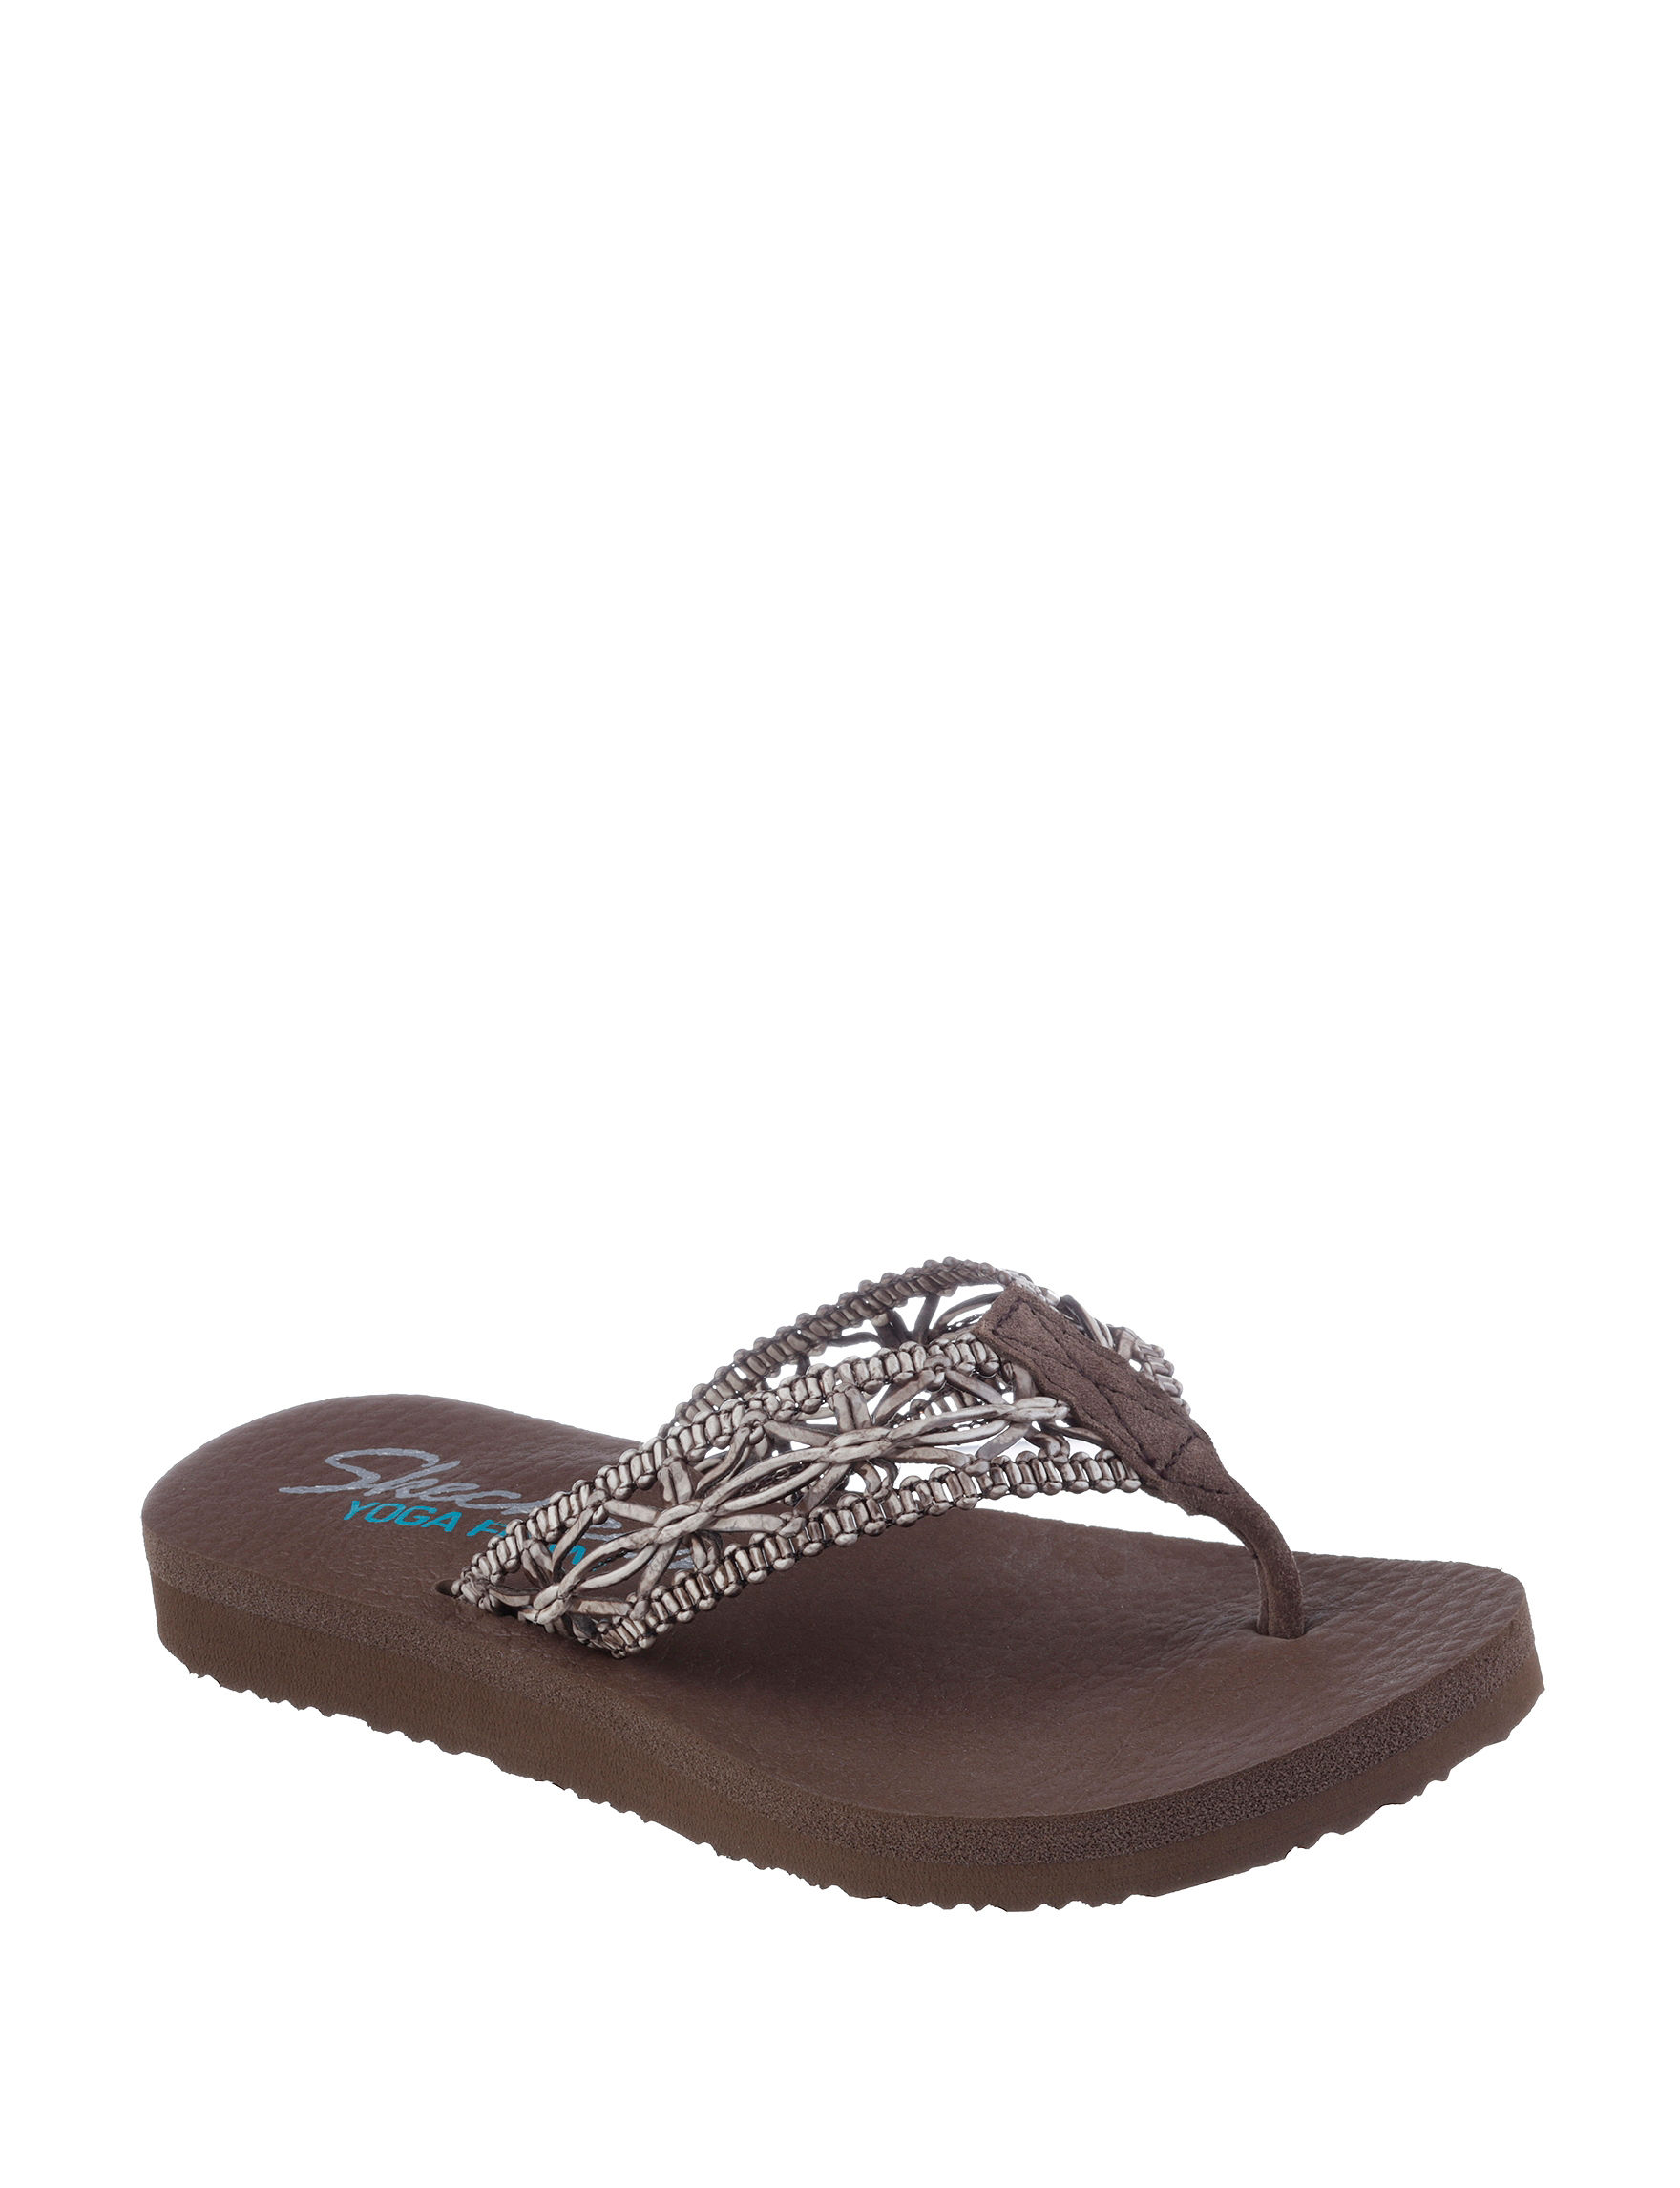 Skechers Brown Flip Flops